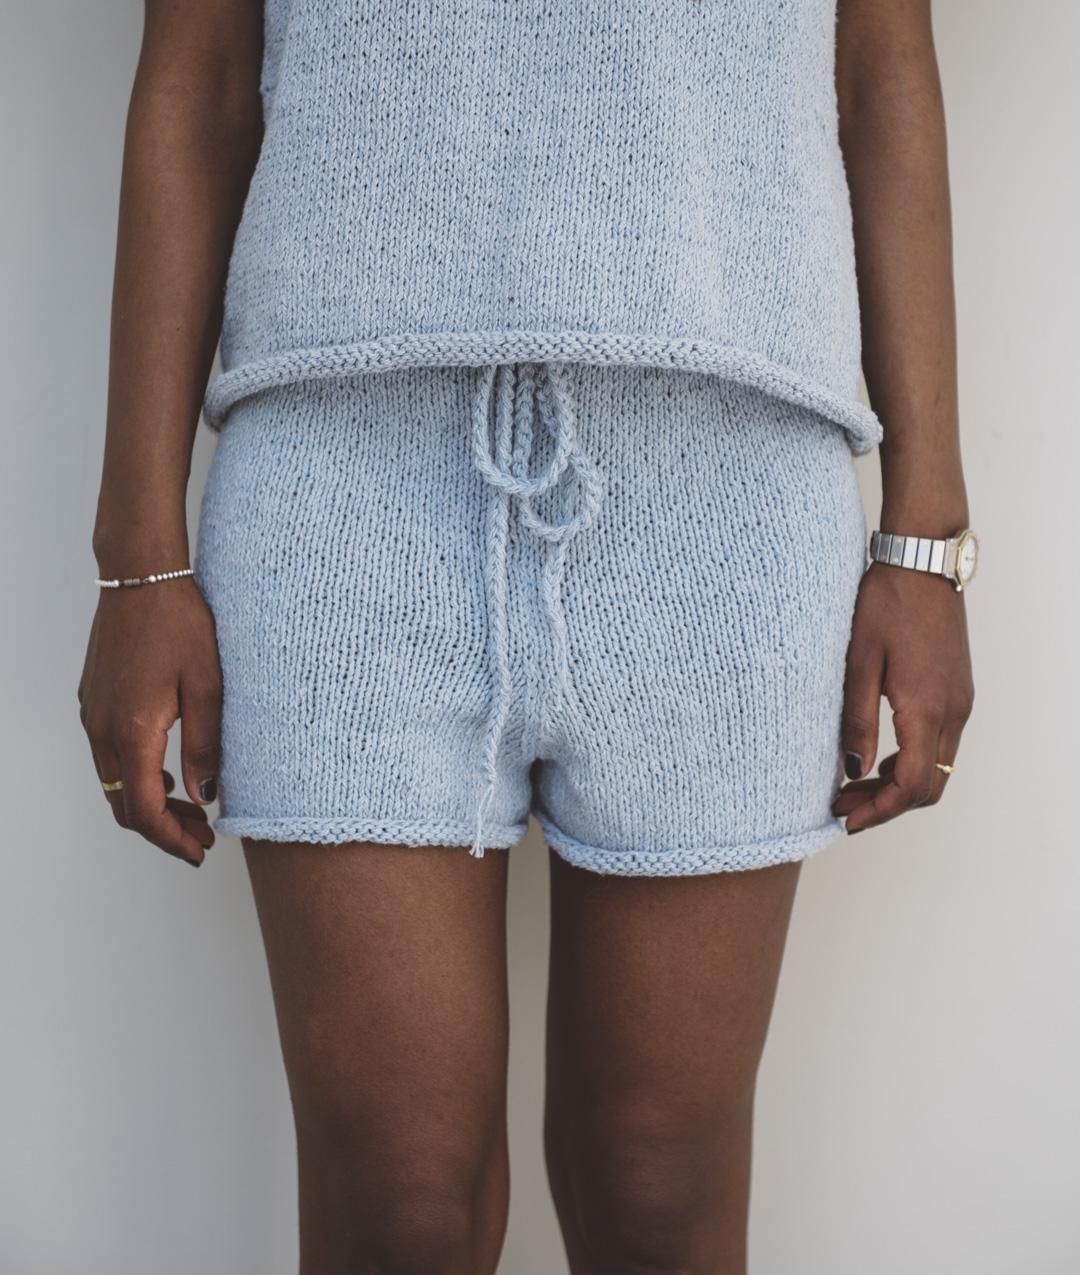 Collezione Jeans - Shorts e Pants - Central Park Shorts - 1